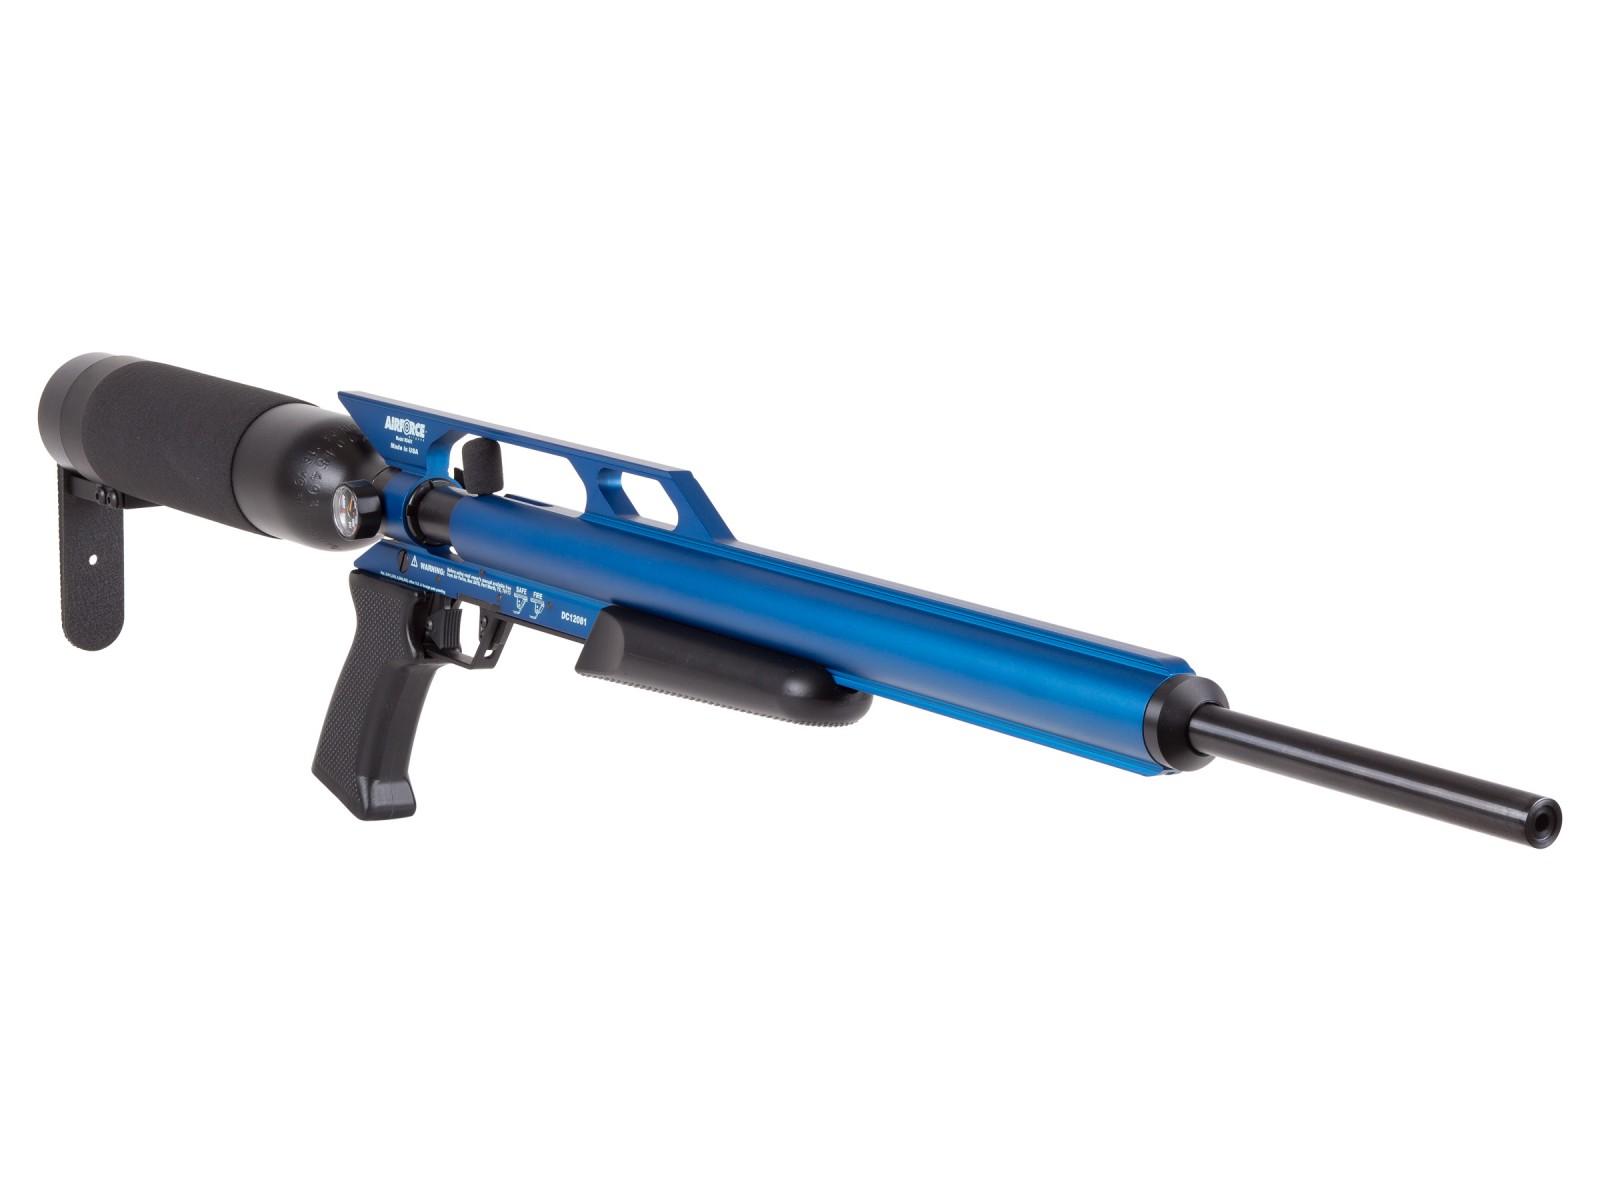 Cheap AirForce Condor PCP Air Rifle, Spin-Loc Tank, Blue 0.22